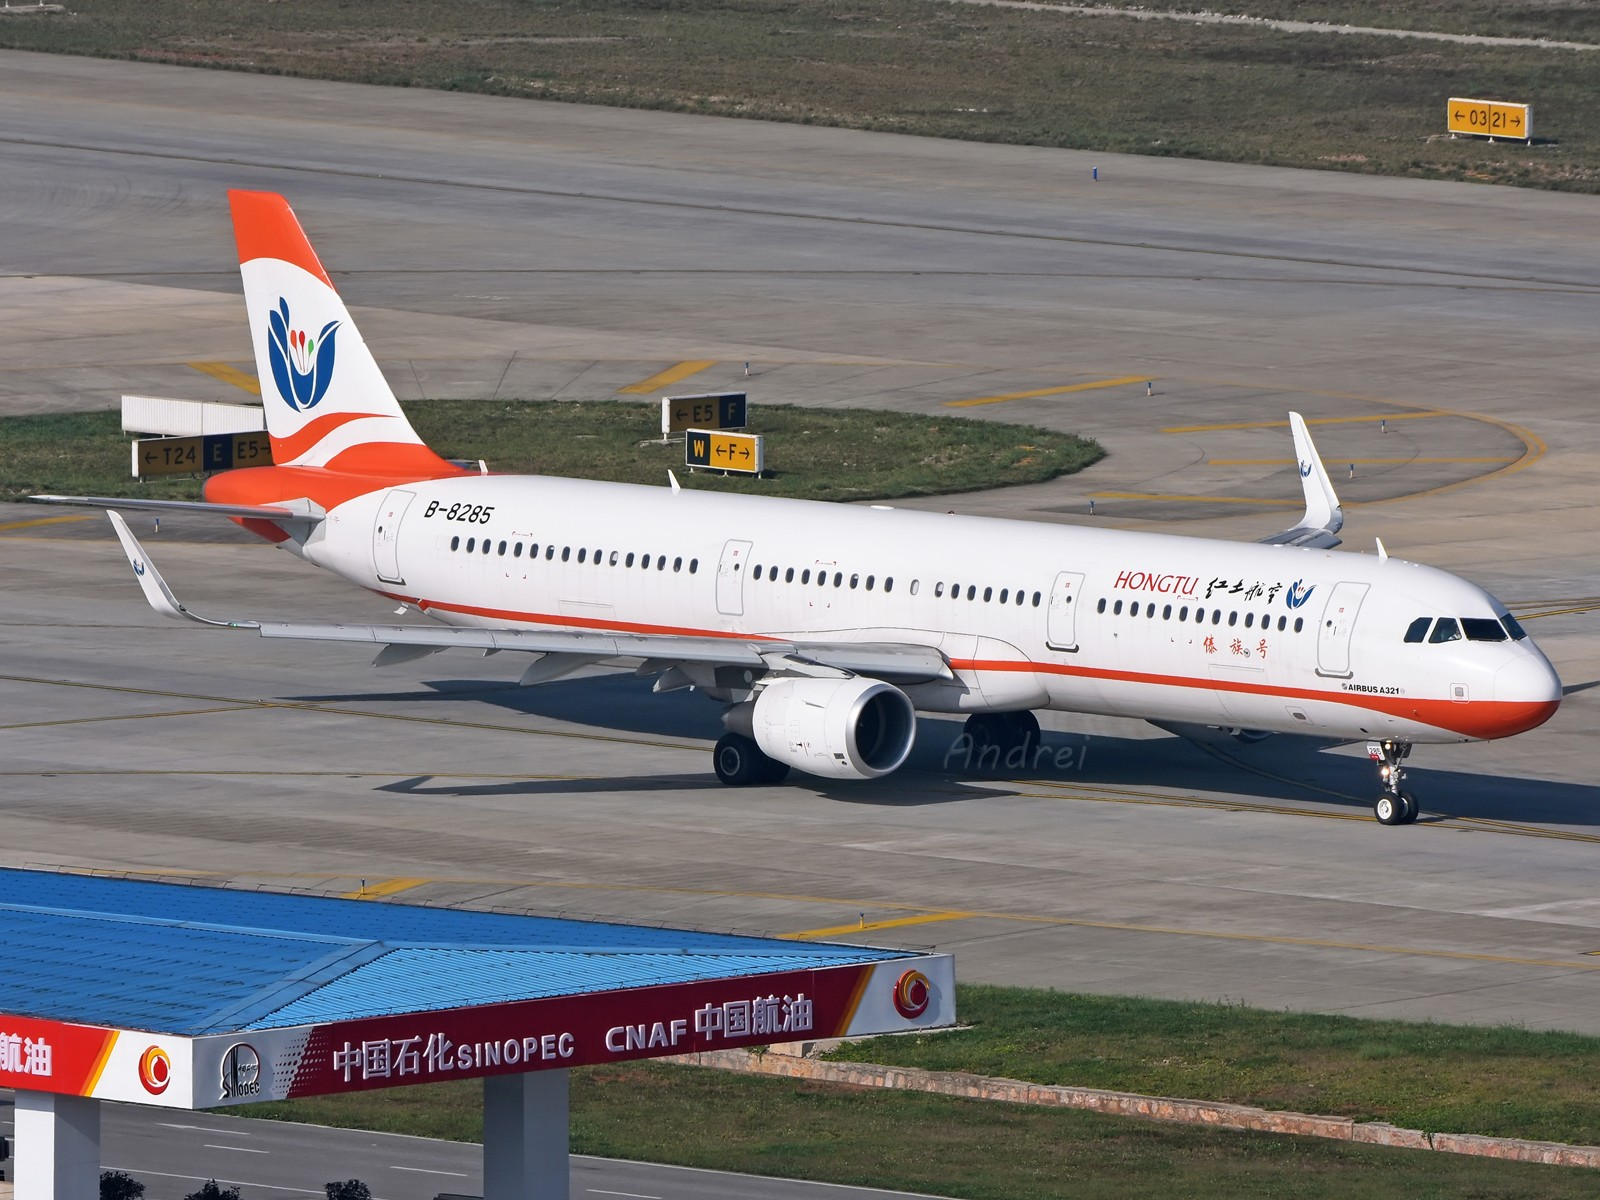 Re:[原创]=====有空就要来几发,不能懈怠===== AIRBUS A321-200 B-8285 中国昆明长水国际机场